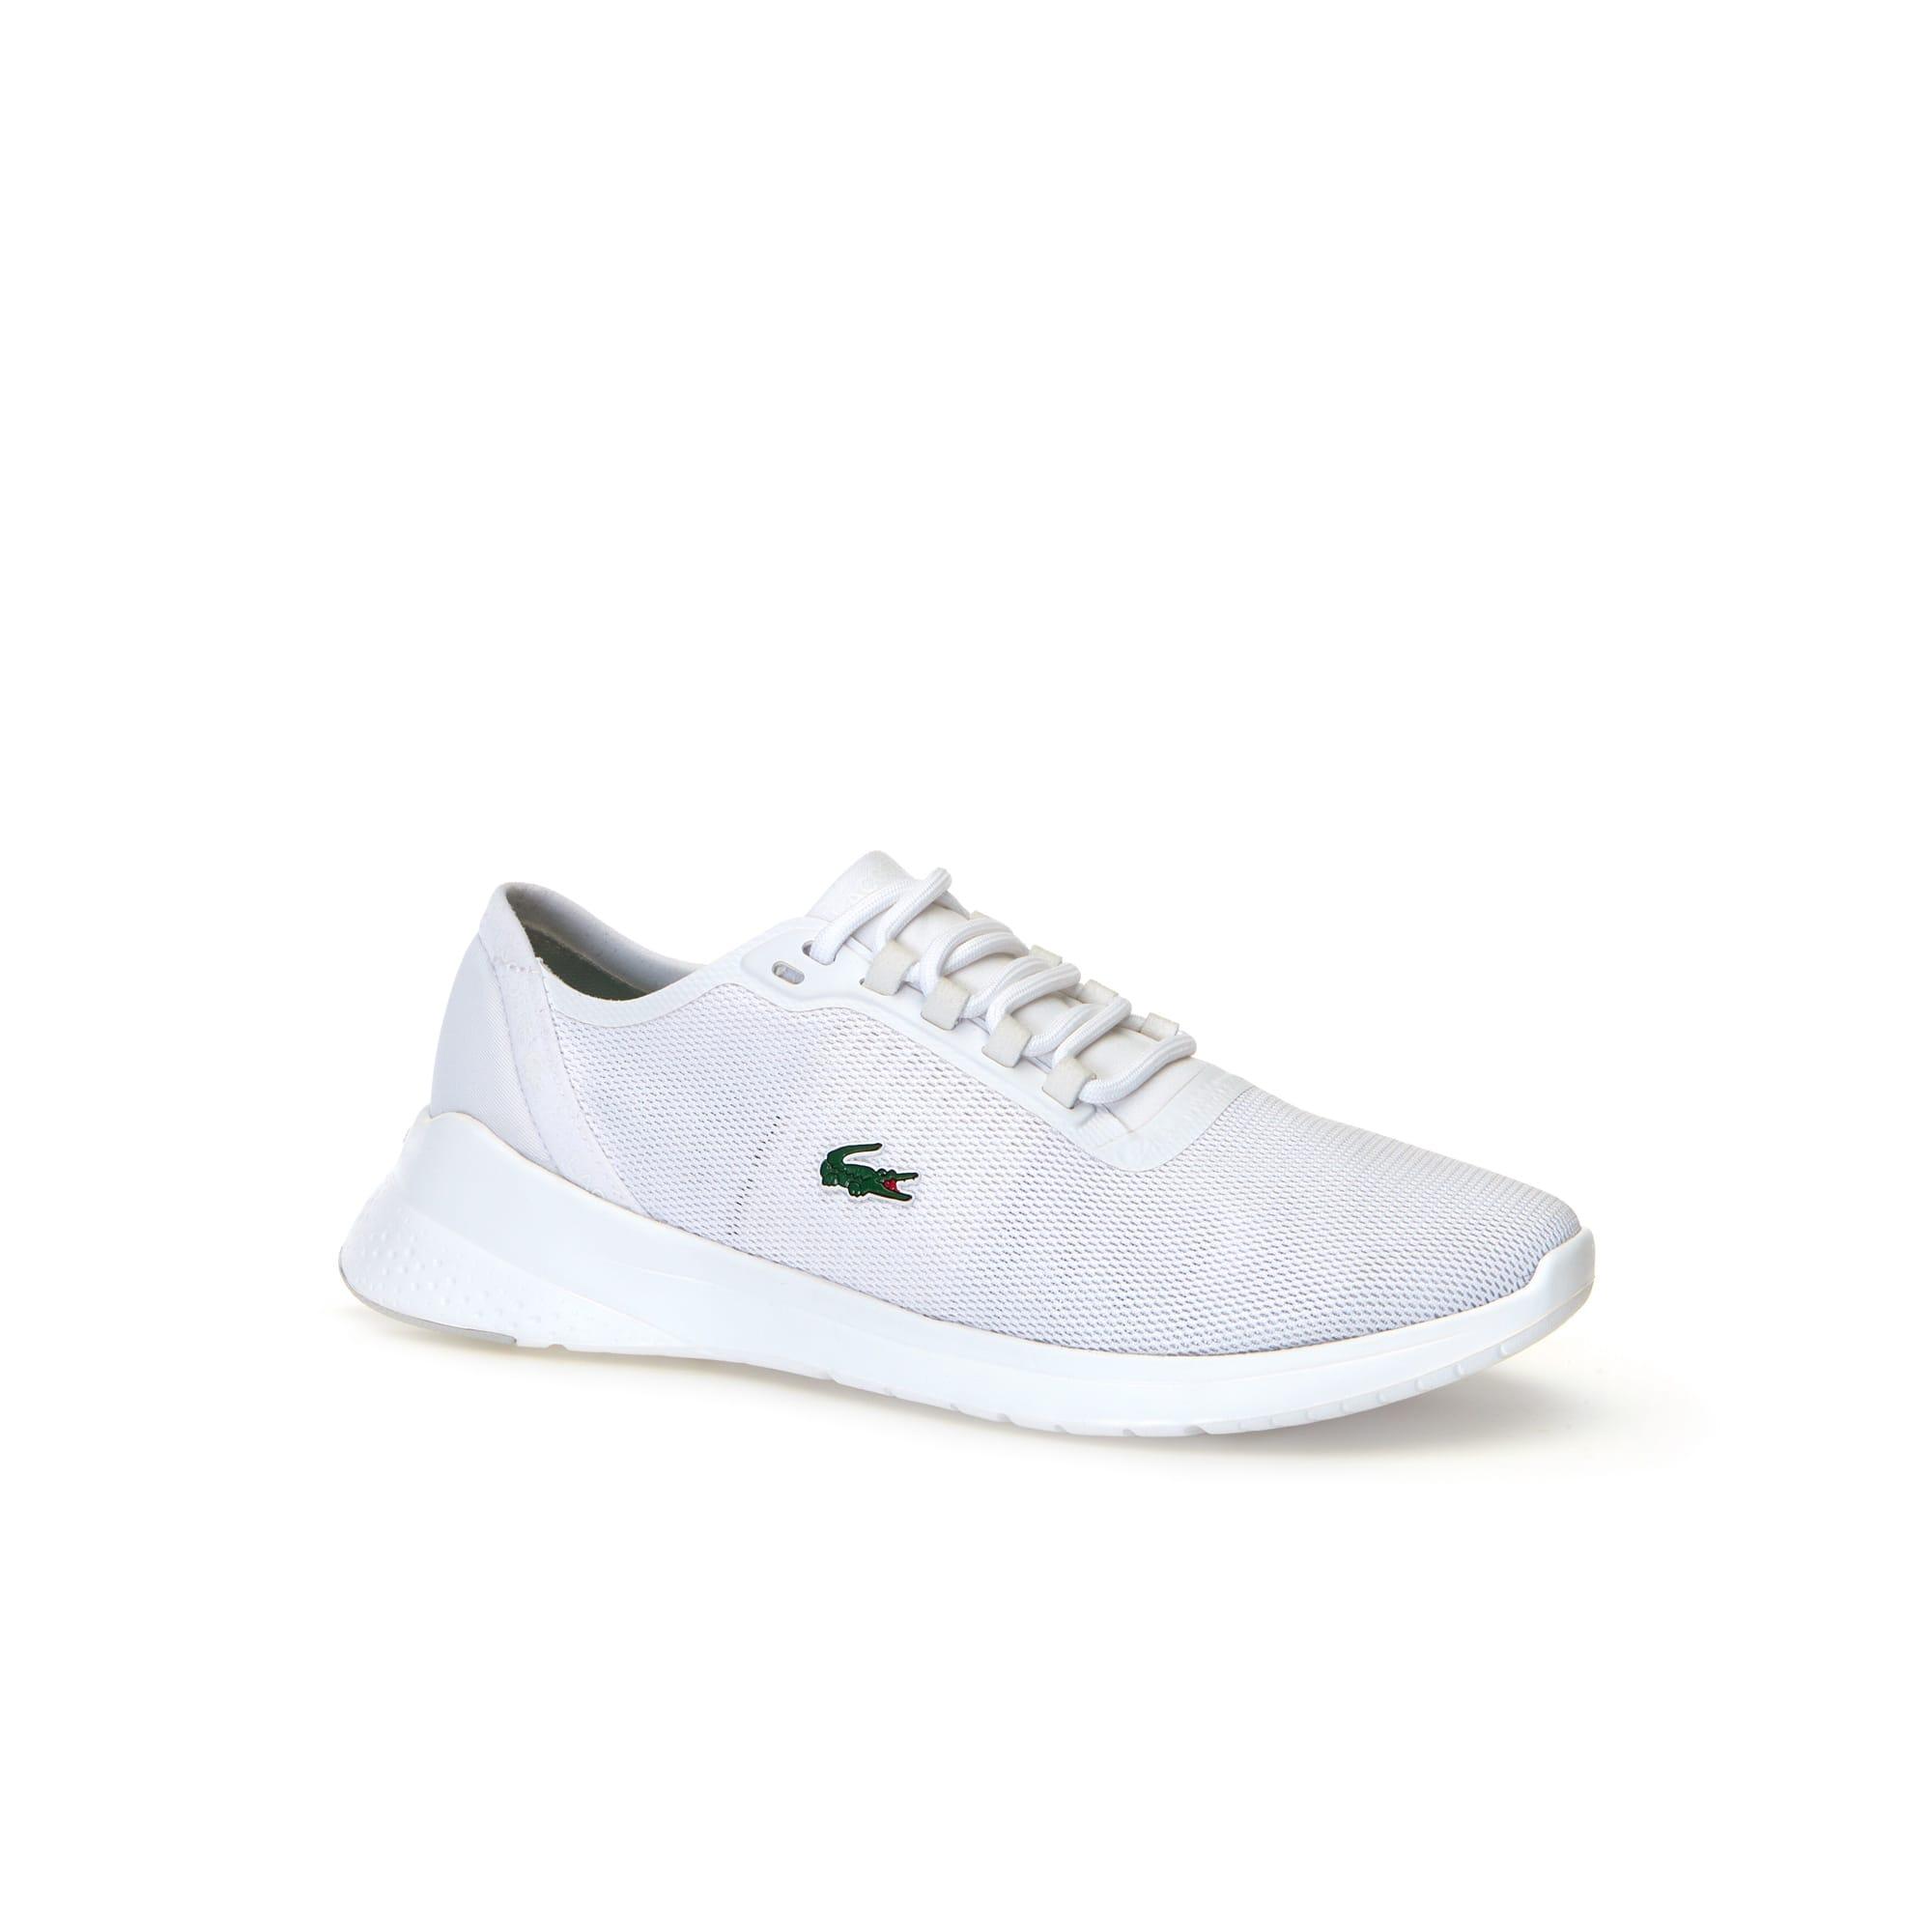 91e8119b8d8c9 Shoes collection   LACOSTE